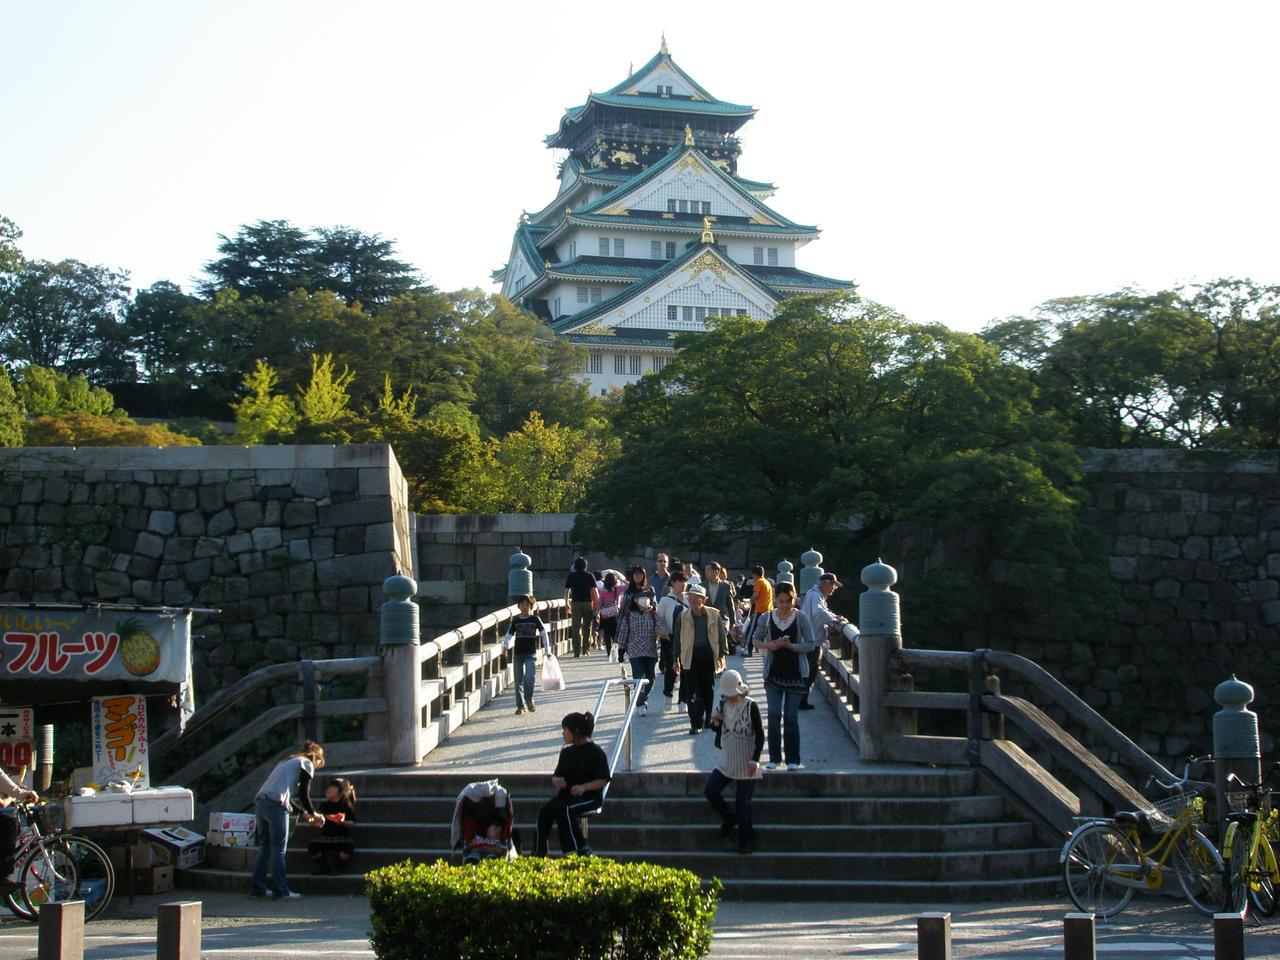 Osaka Castle 2 Deviant Art By Deadpoolme2 On Deviantart